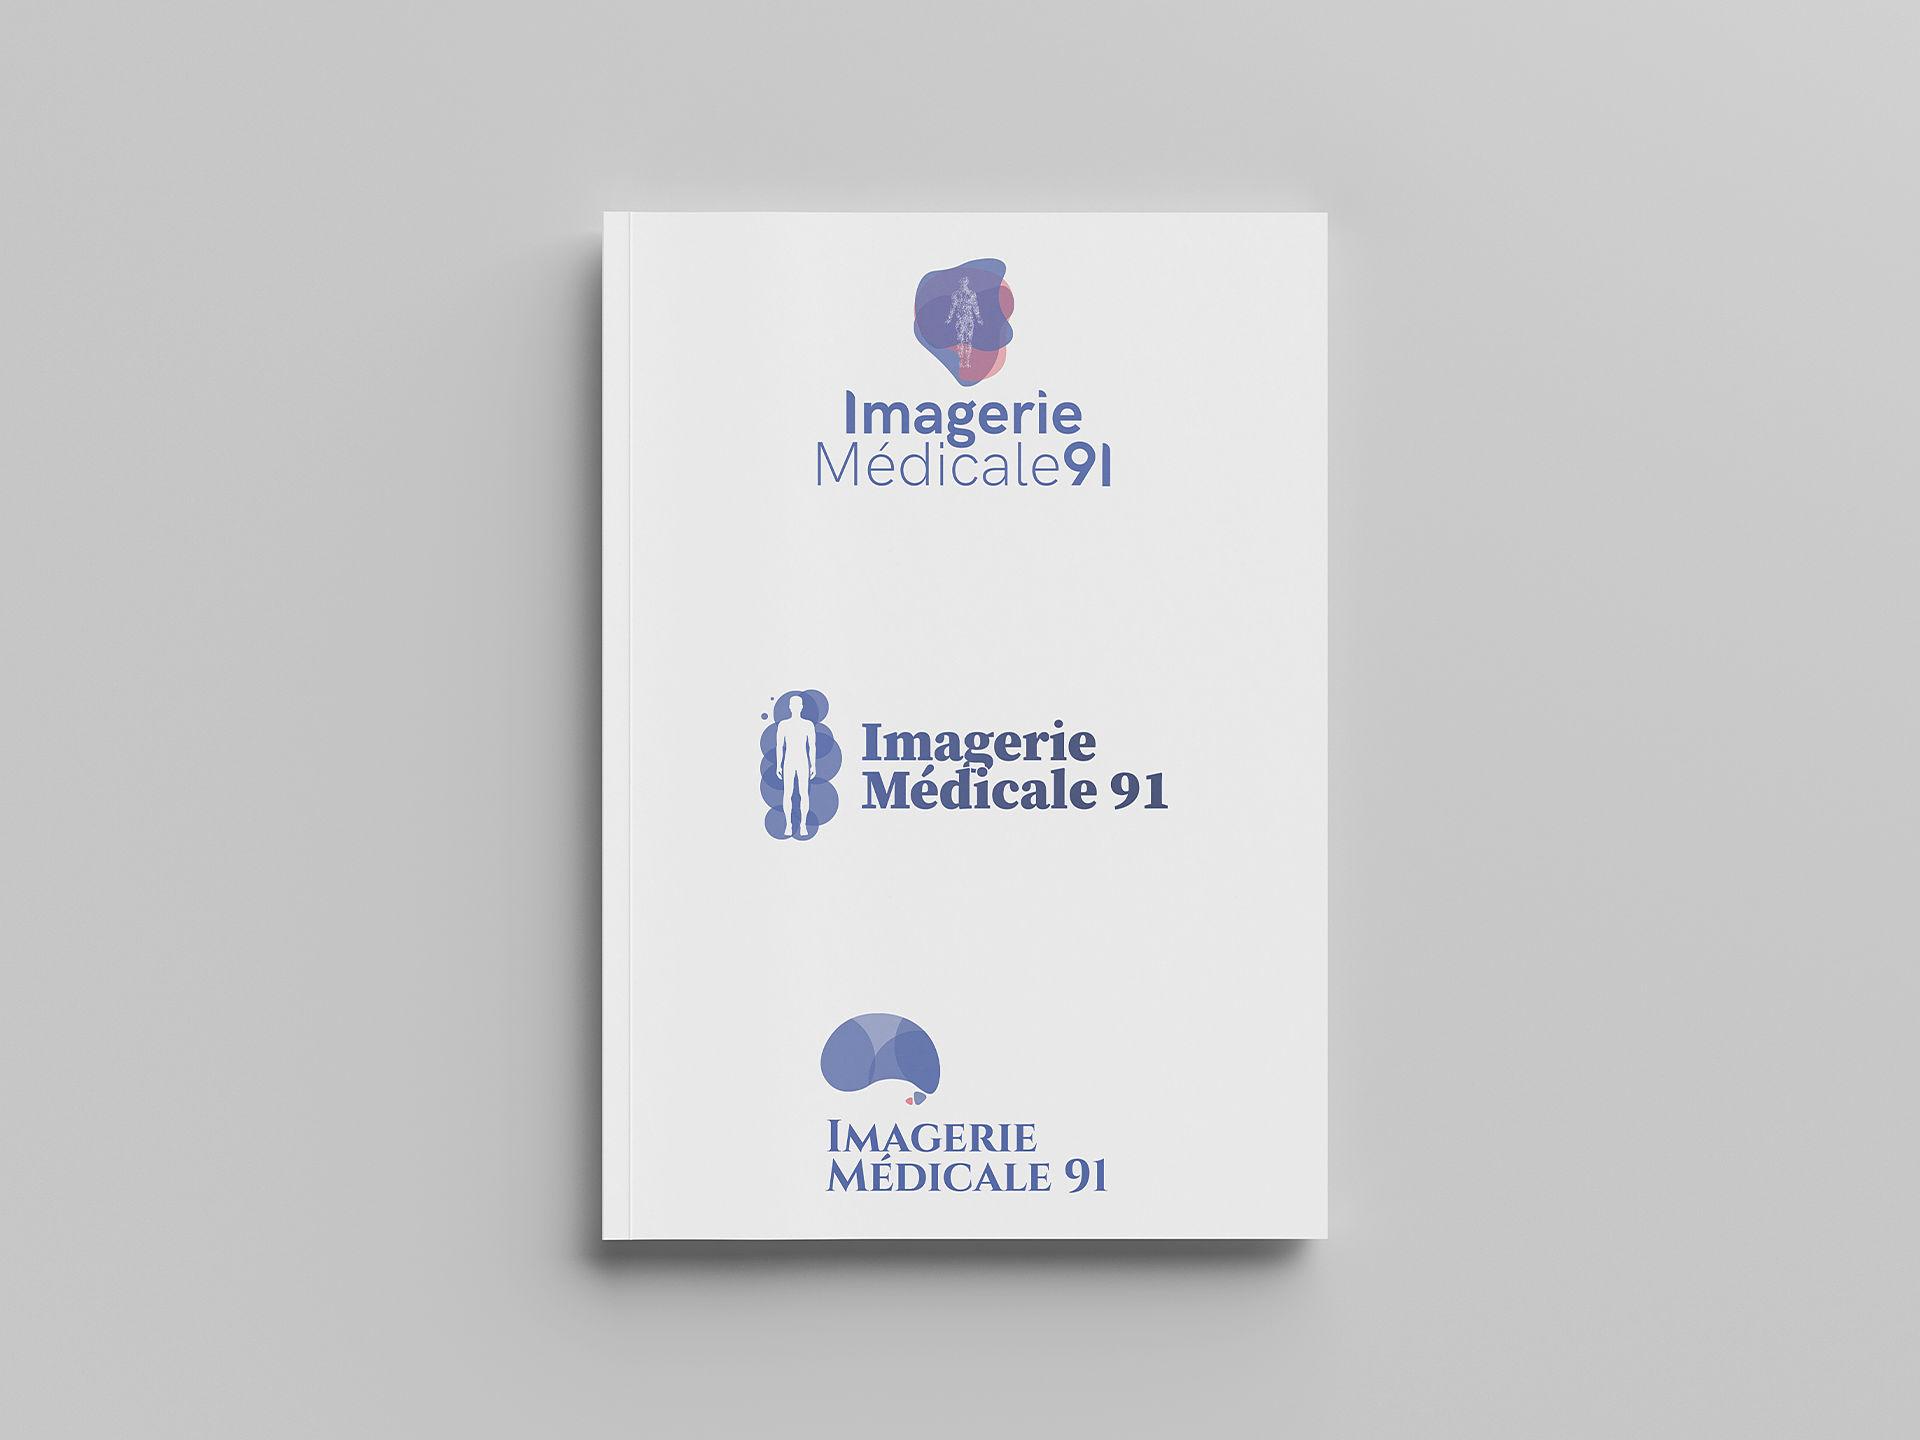 identite graphique imagerie medicale 91